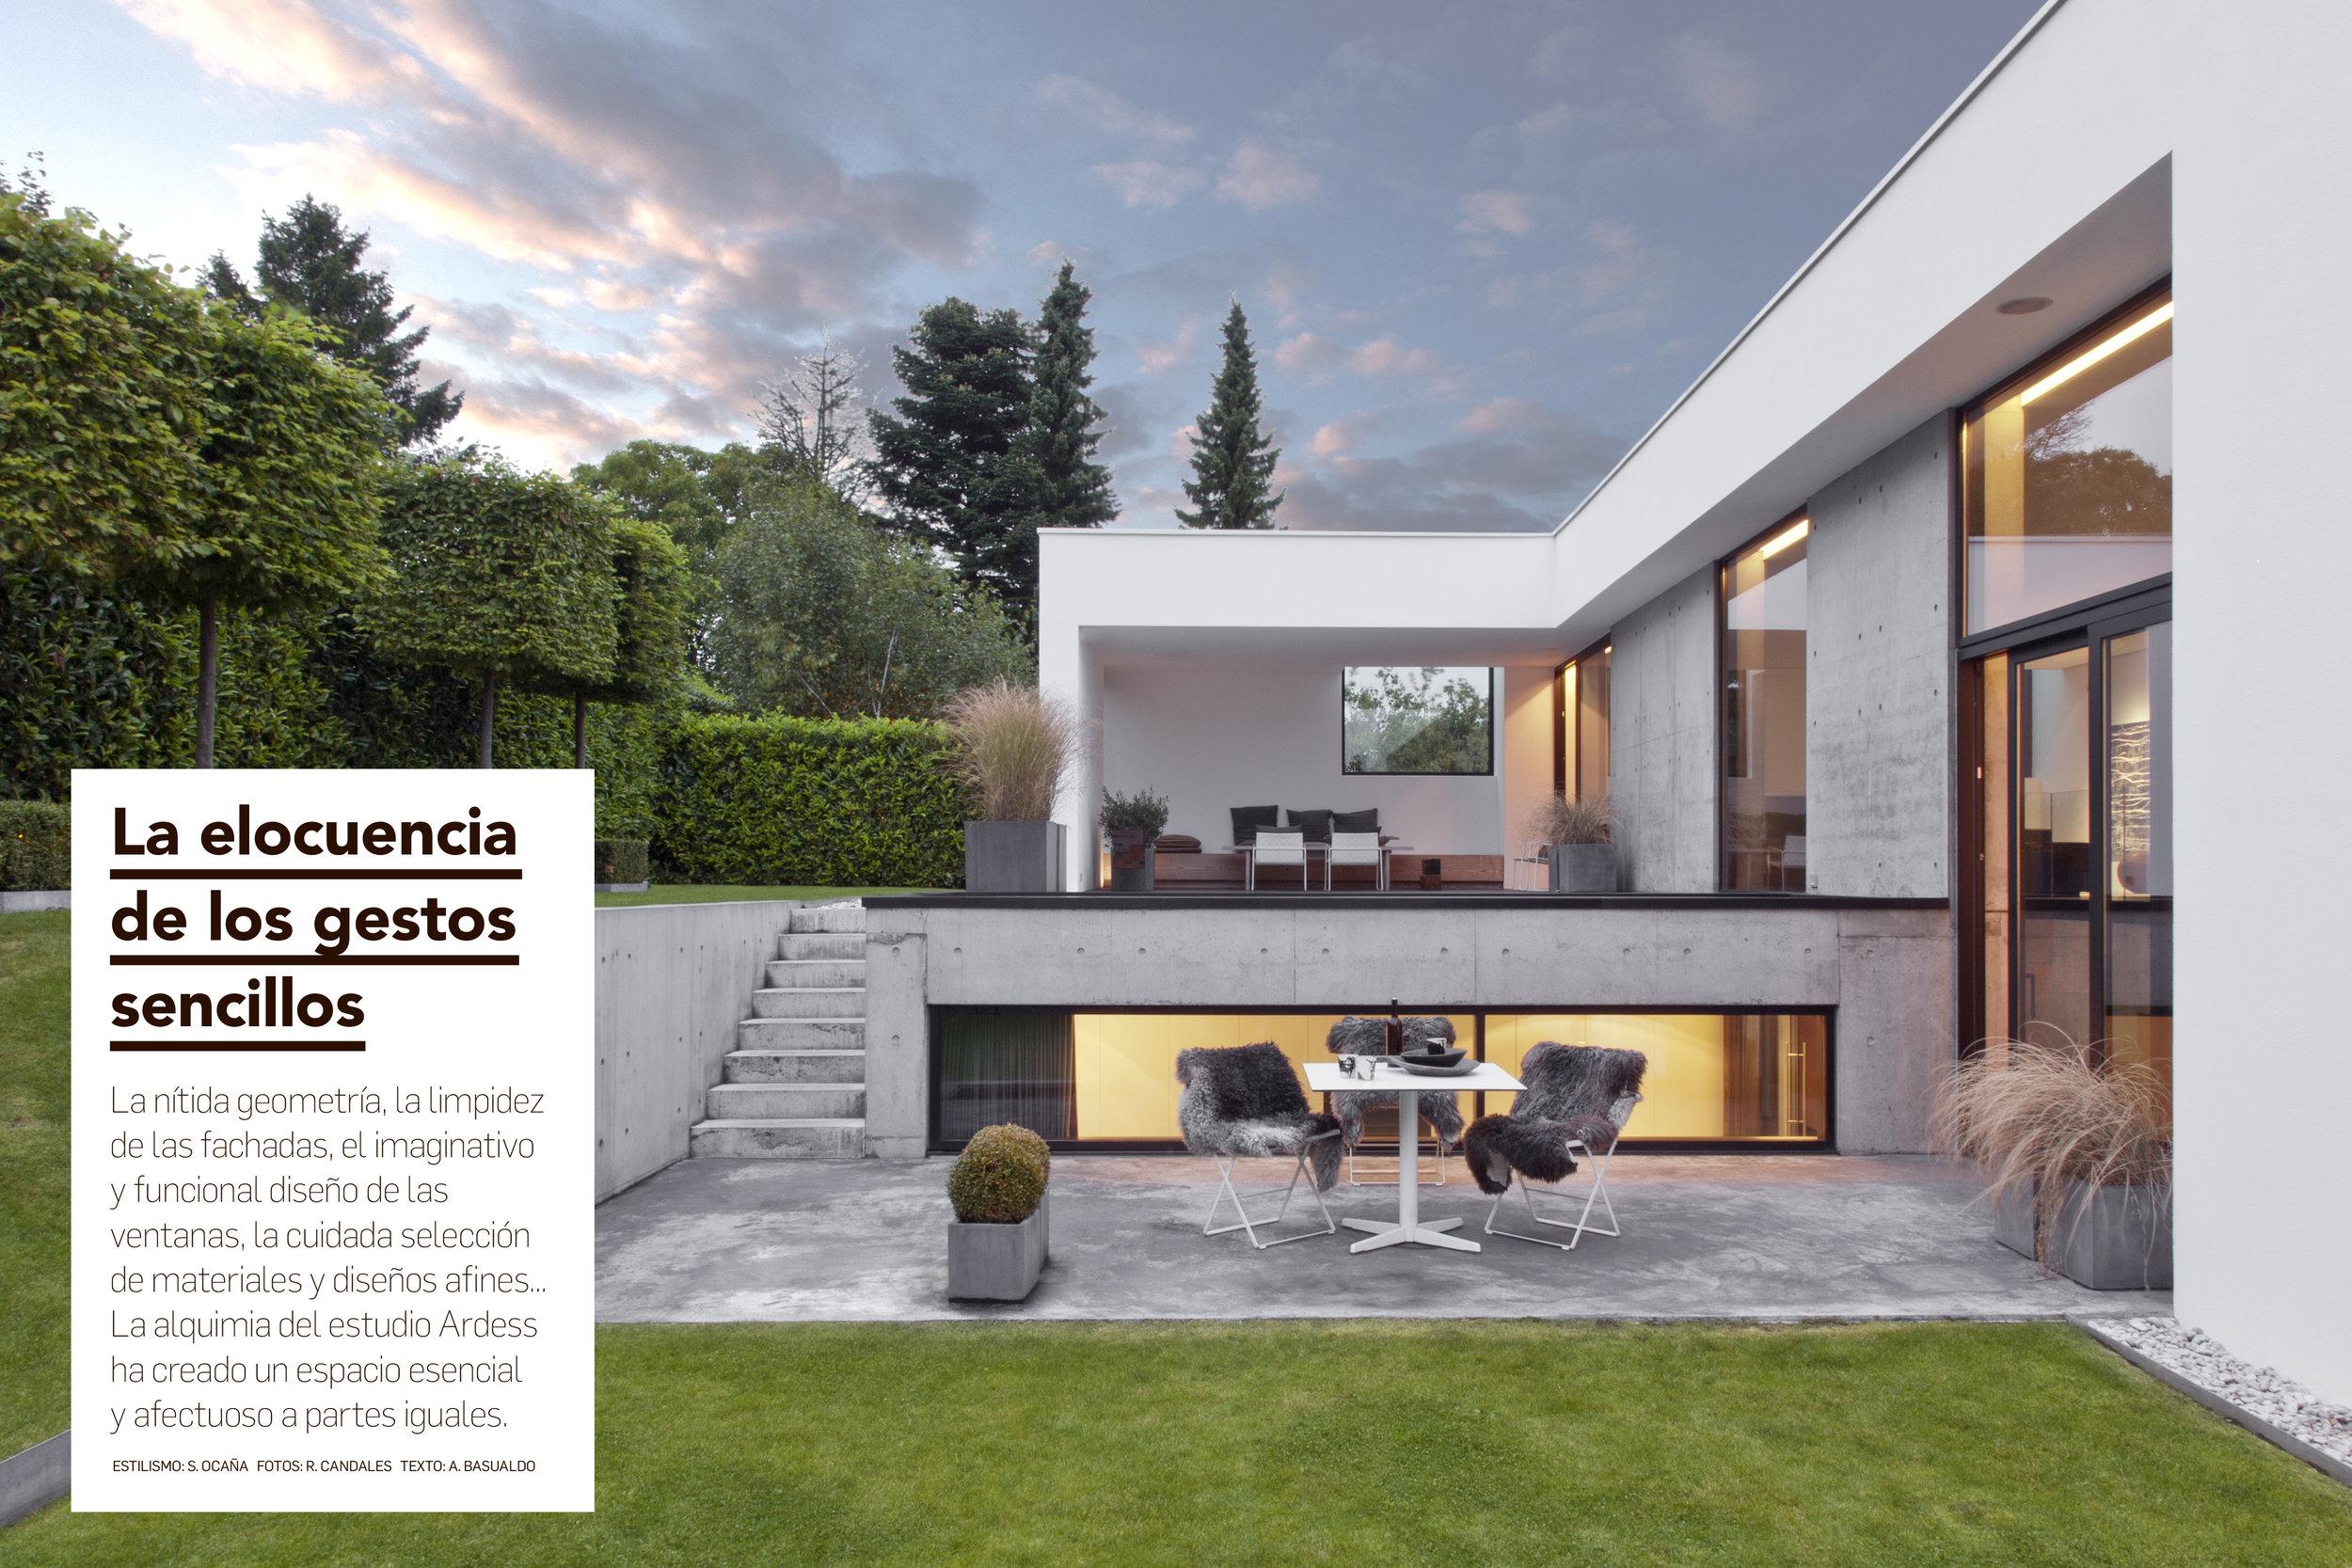 Villa V3 ARDESS